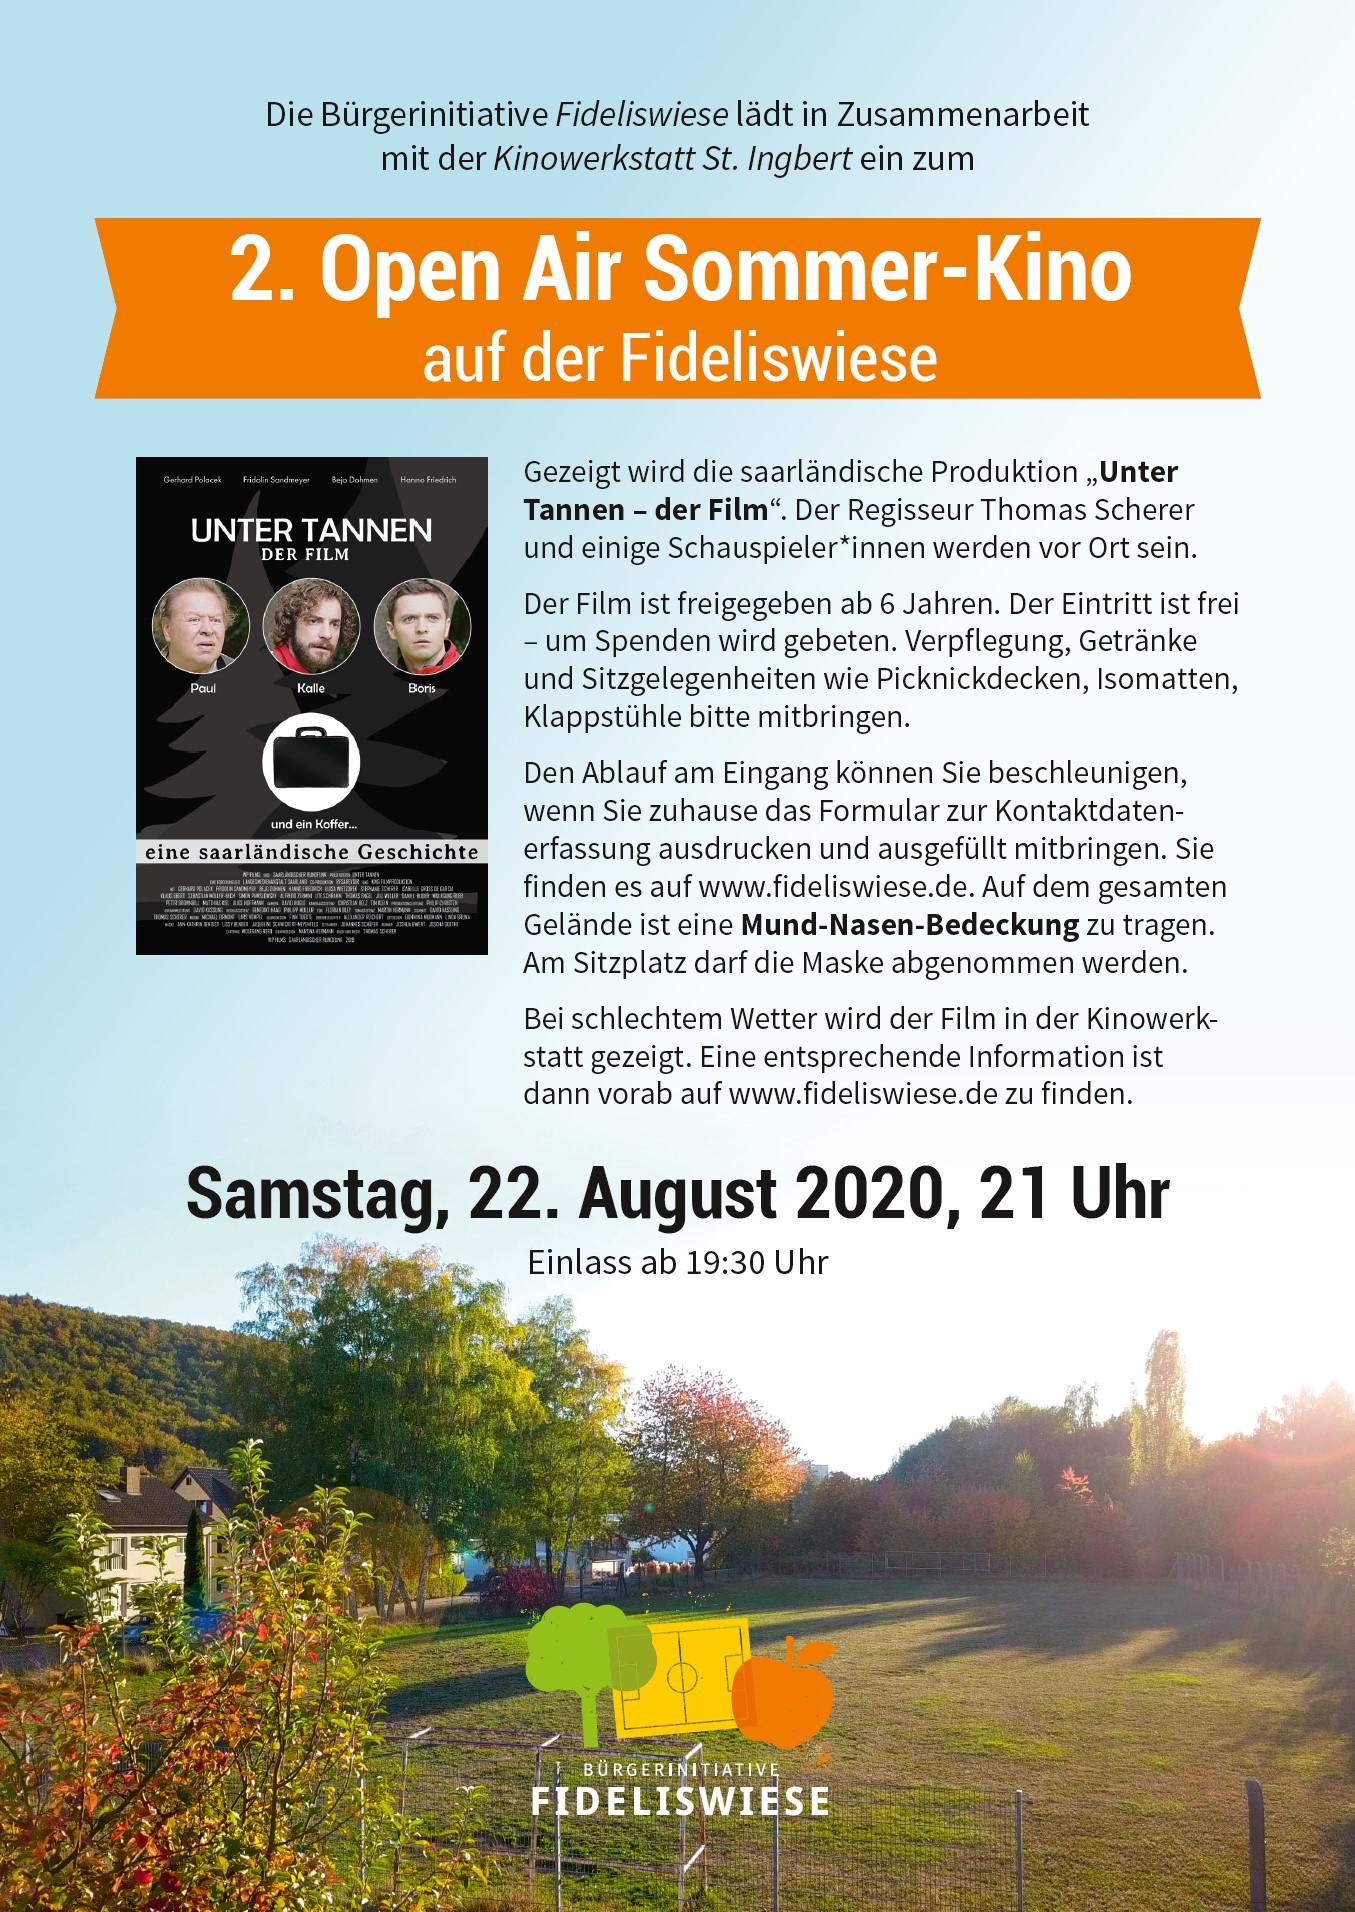 2. Open Air Sommer-Kino